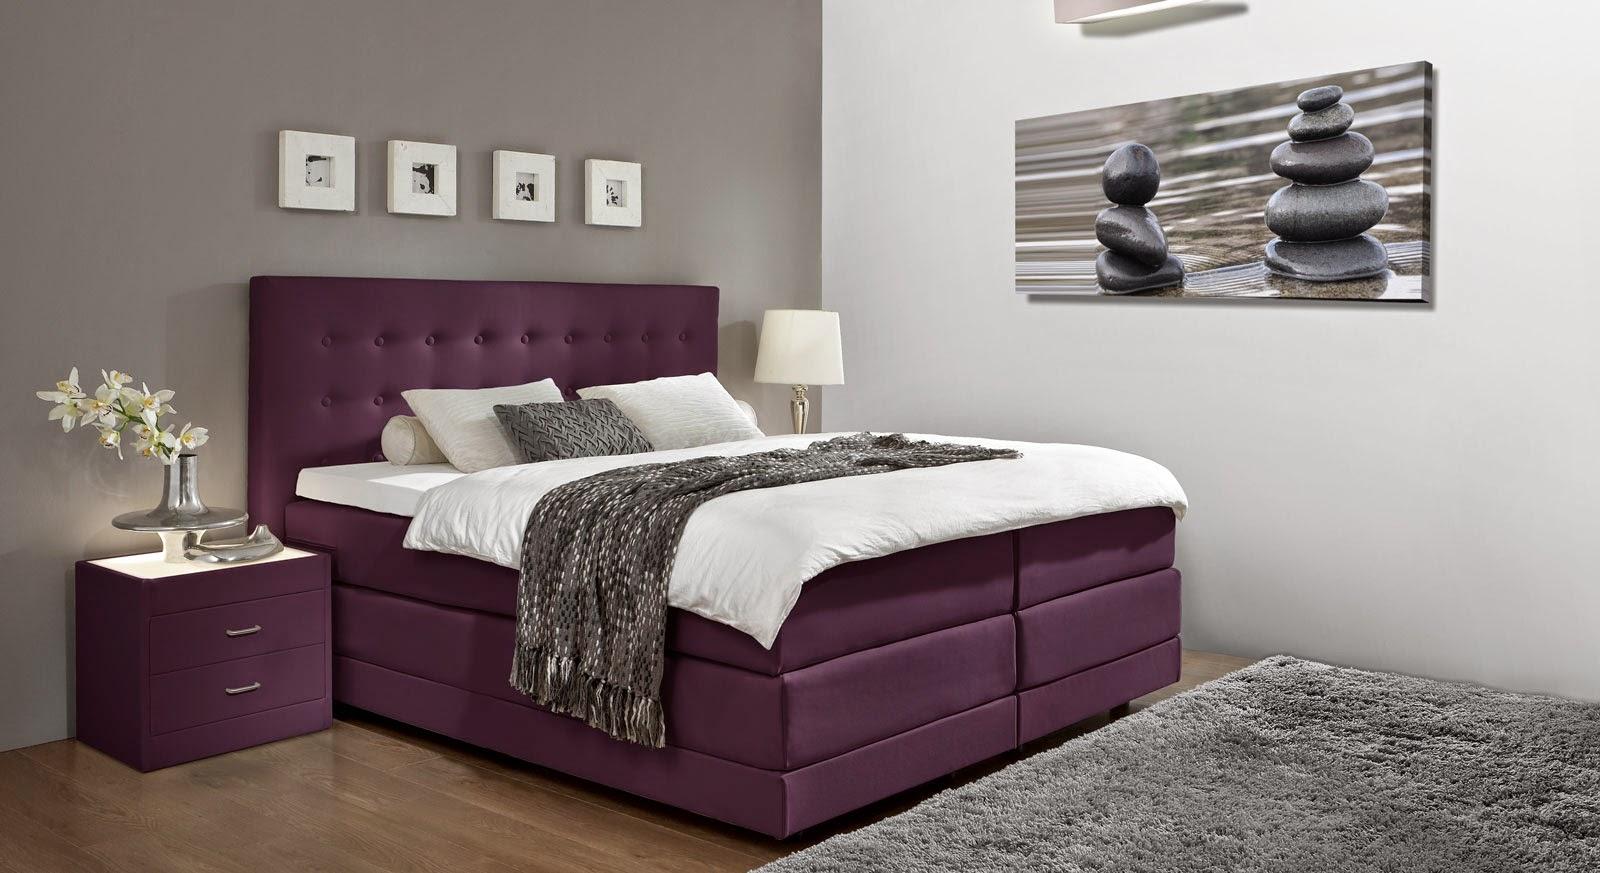 Habitaciones en violeta y gris plata dormitorios colores for Cuarto negro con gris